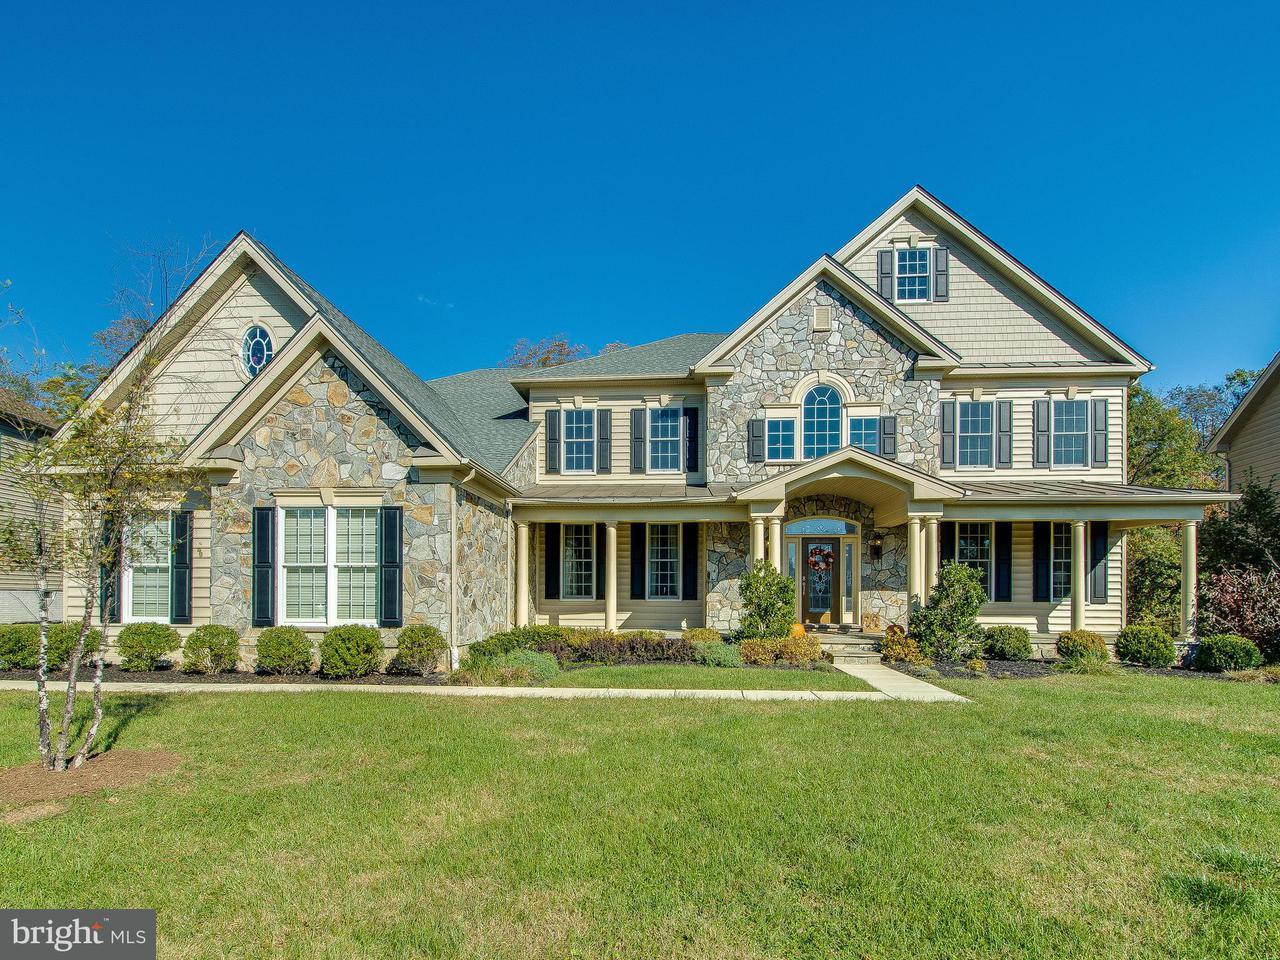 Einfamilienhaus für Verkauf beim 2651 WINTER MORNING WAY 2651 WINTER MORNING WAY Olney, Maryland 20832 Vereinigte Staaten